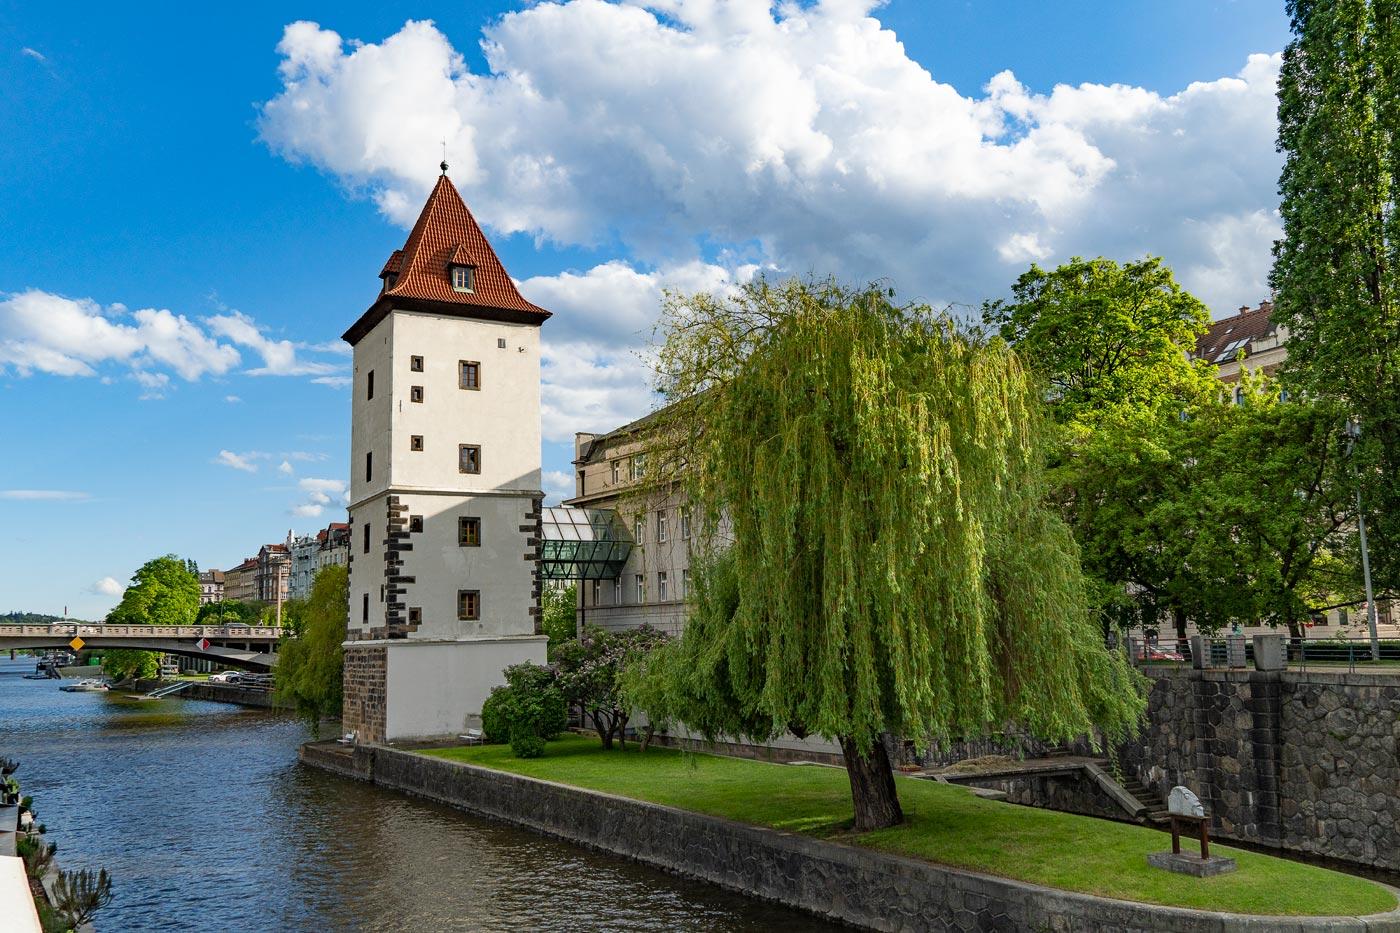 Прага, прогулка по набережным Влтавы